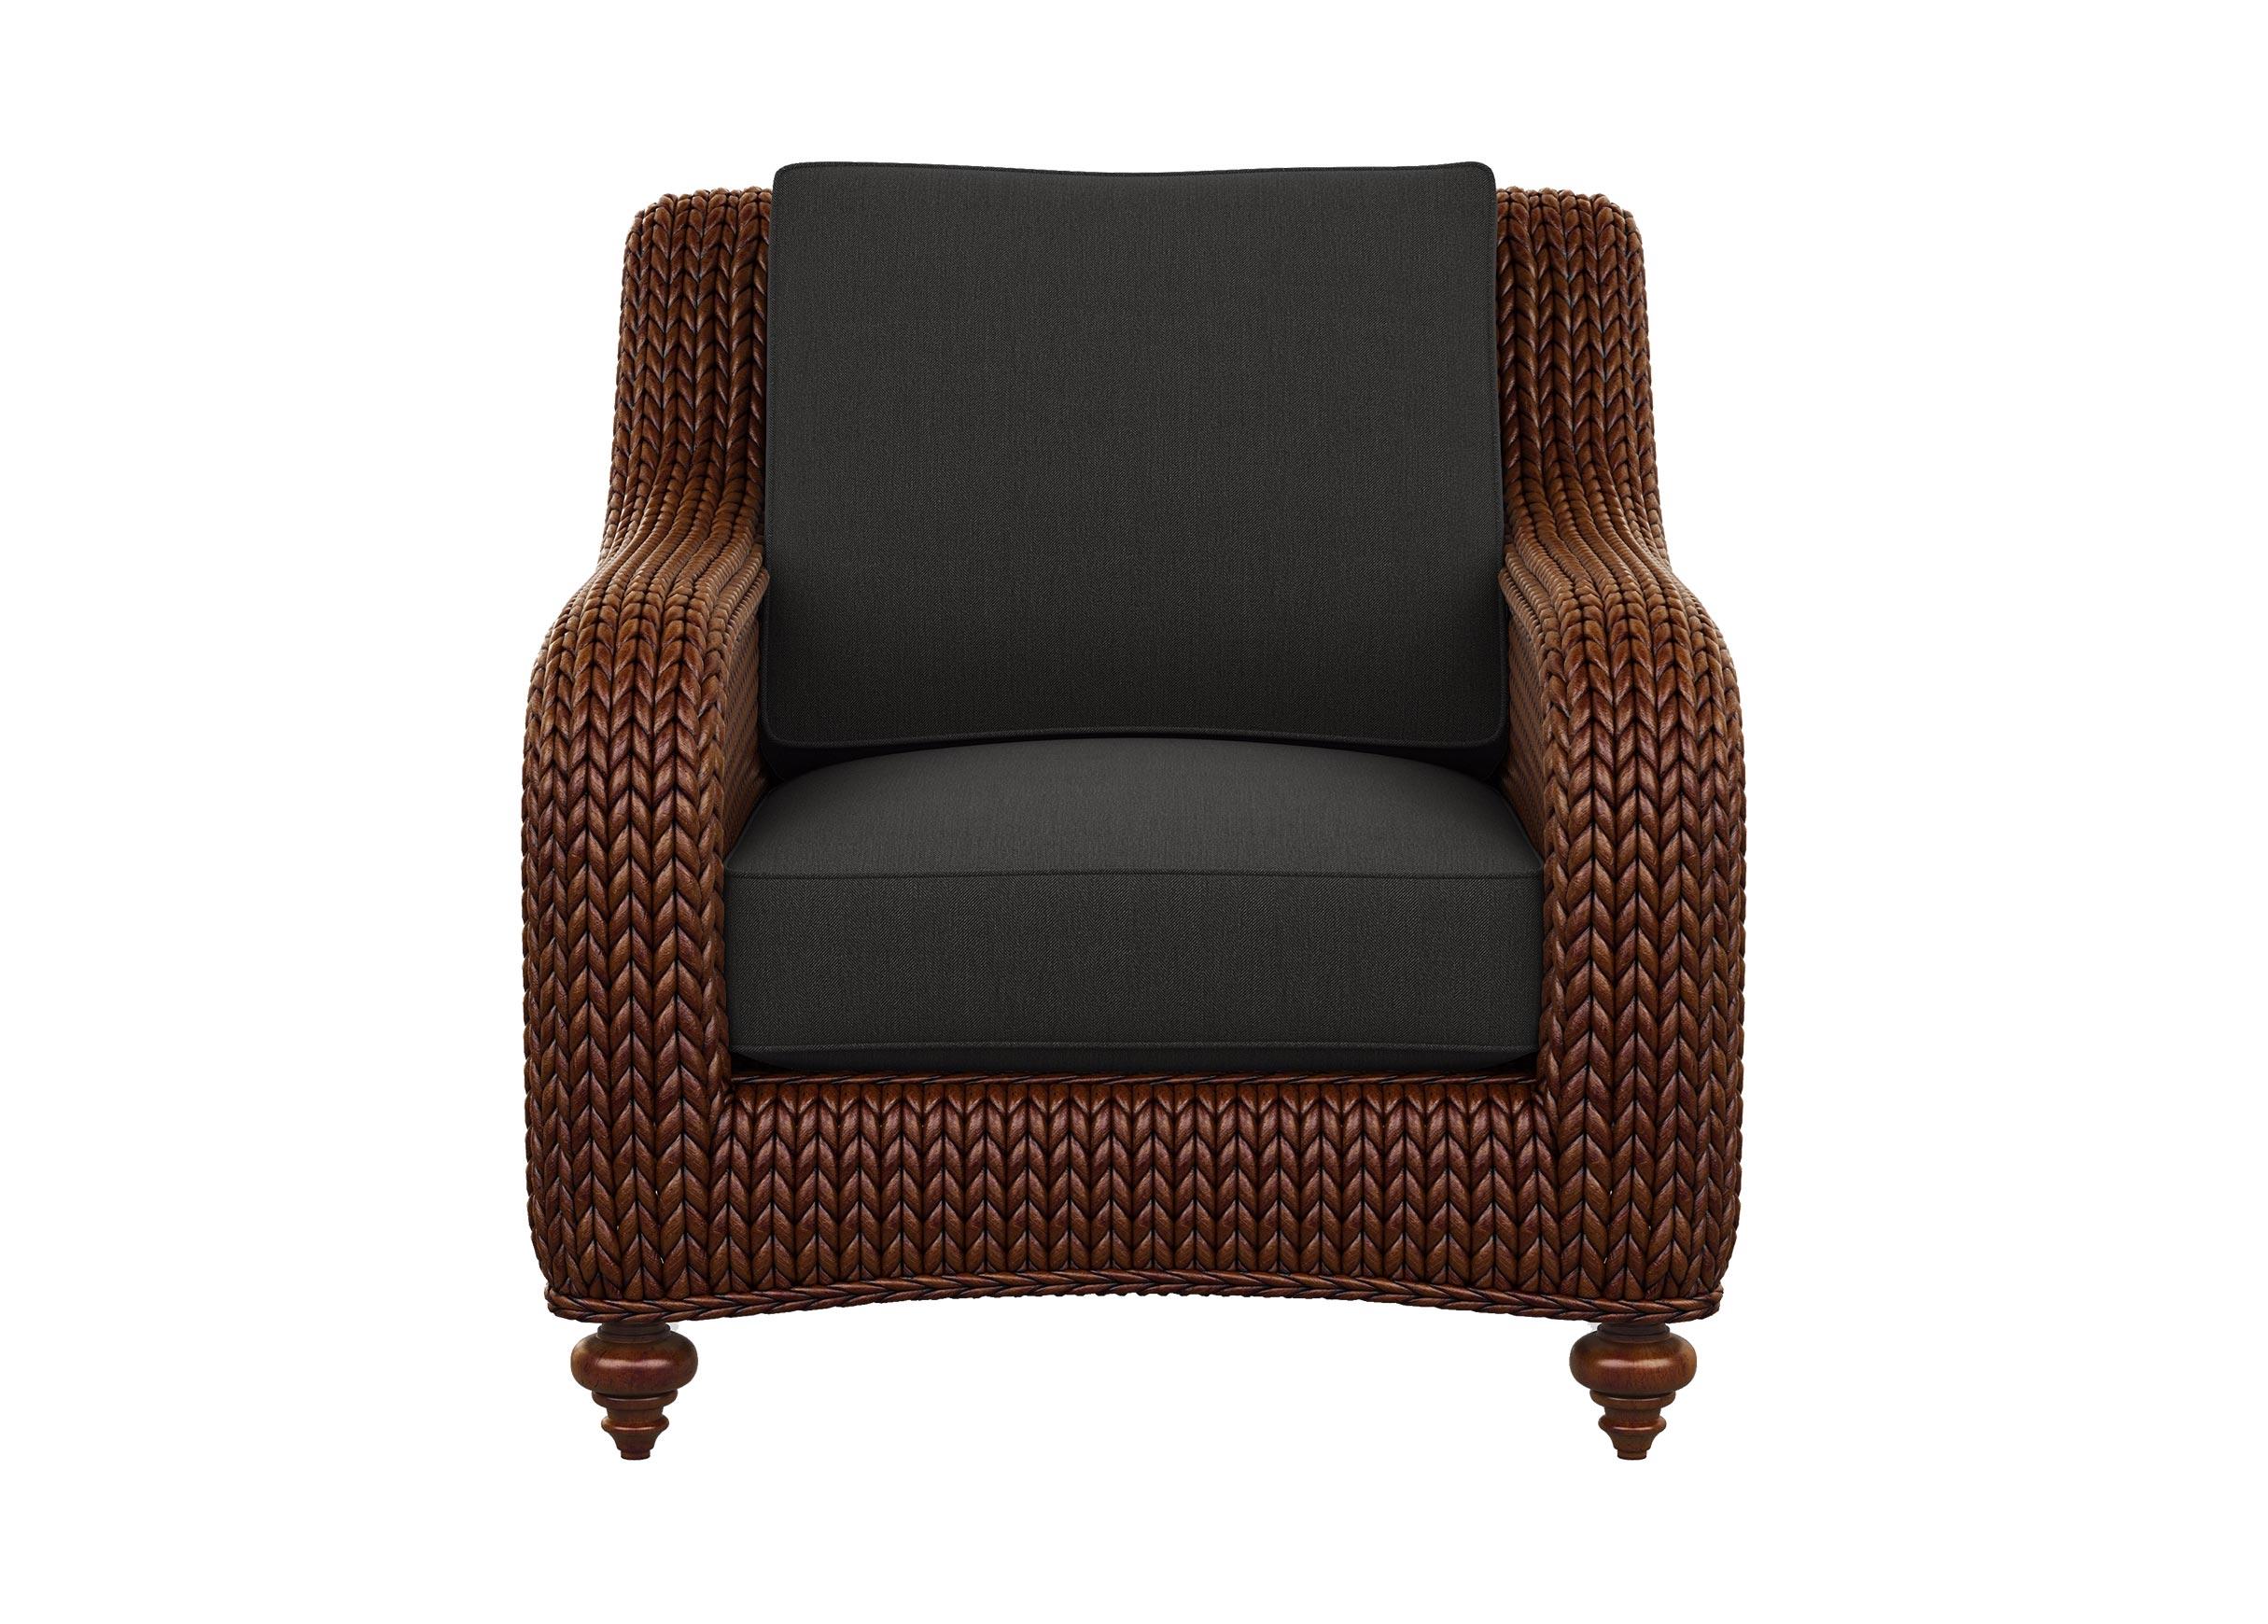 Atlanta Woven Chair  Chairs  Chaises  Ethan Allen